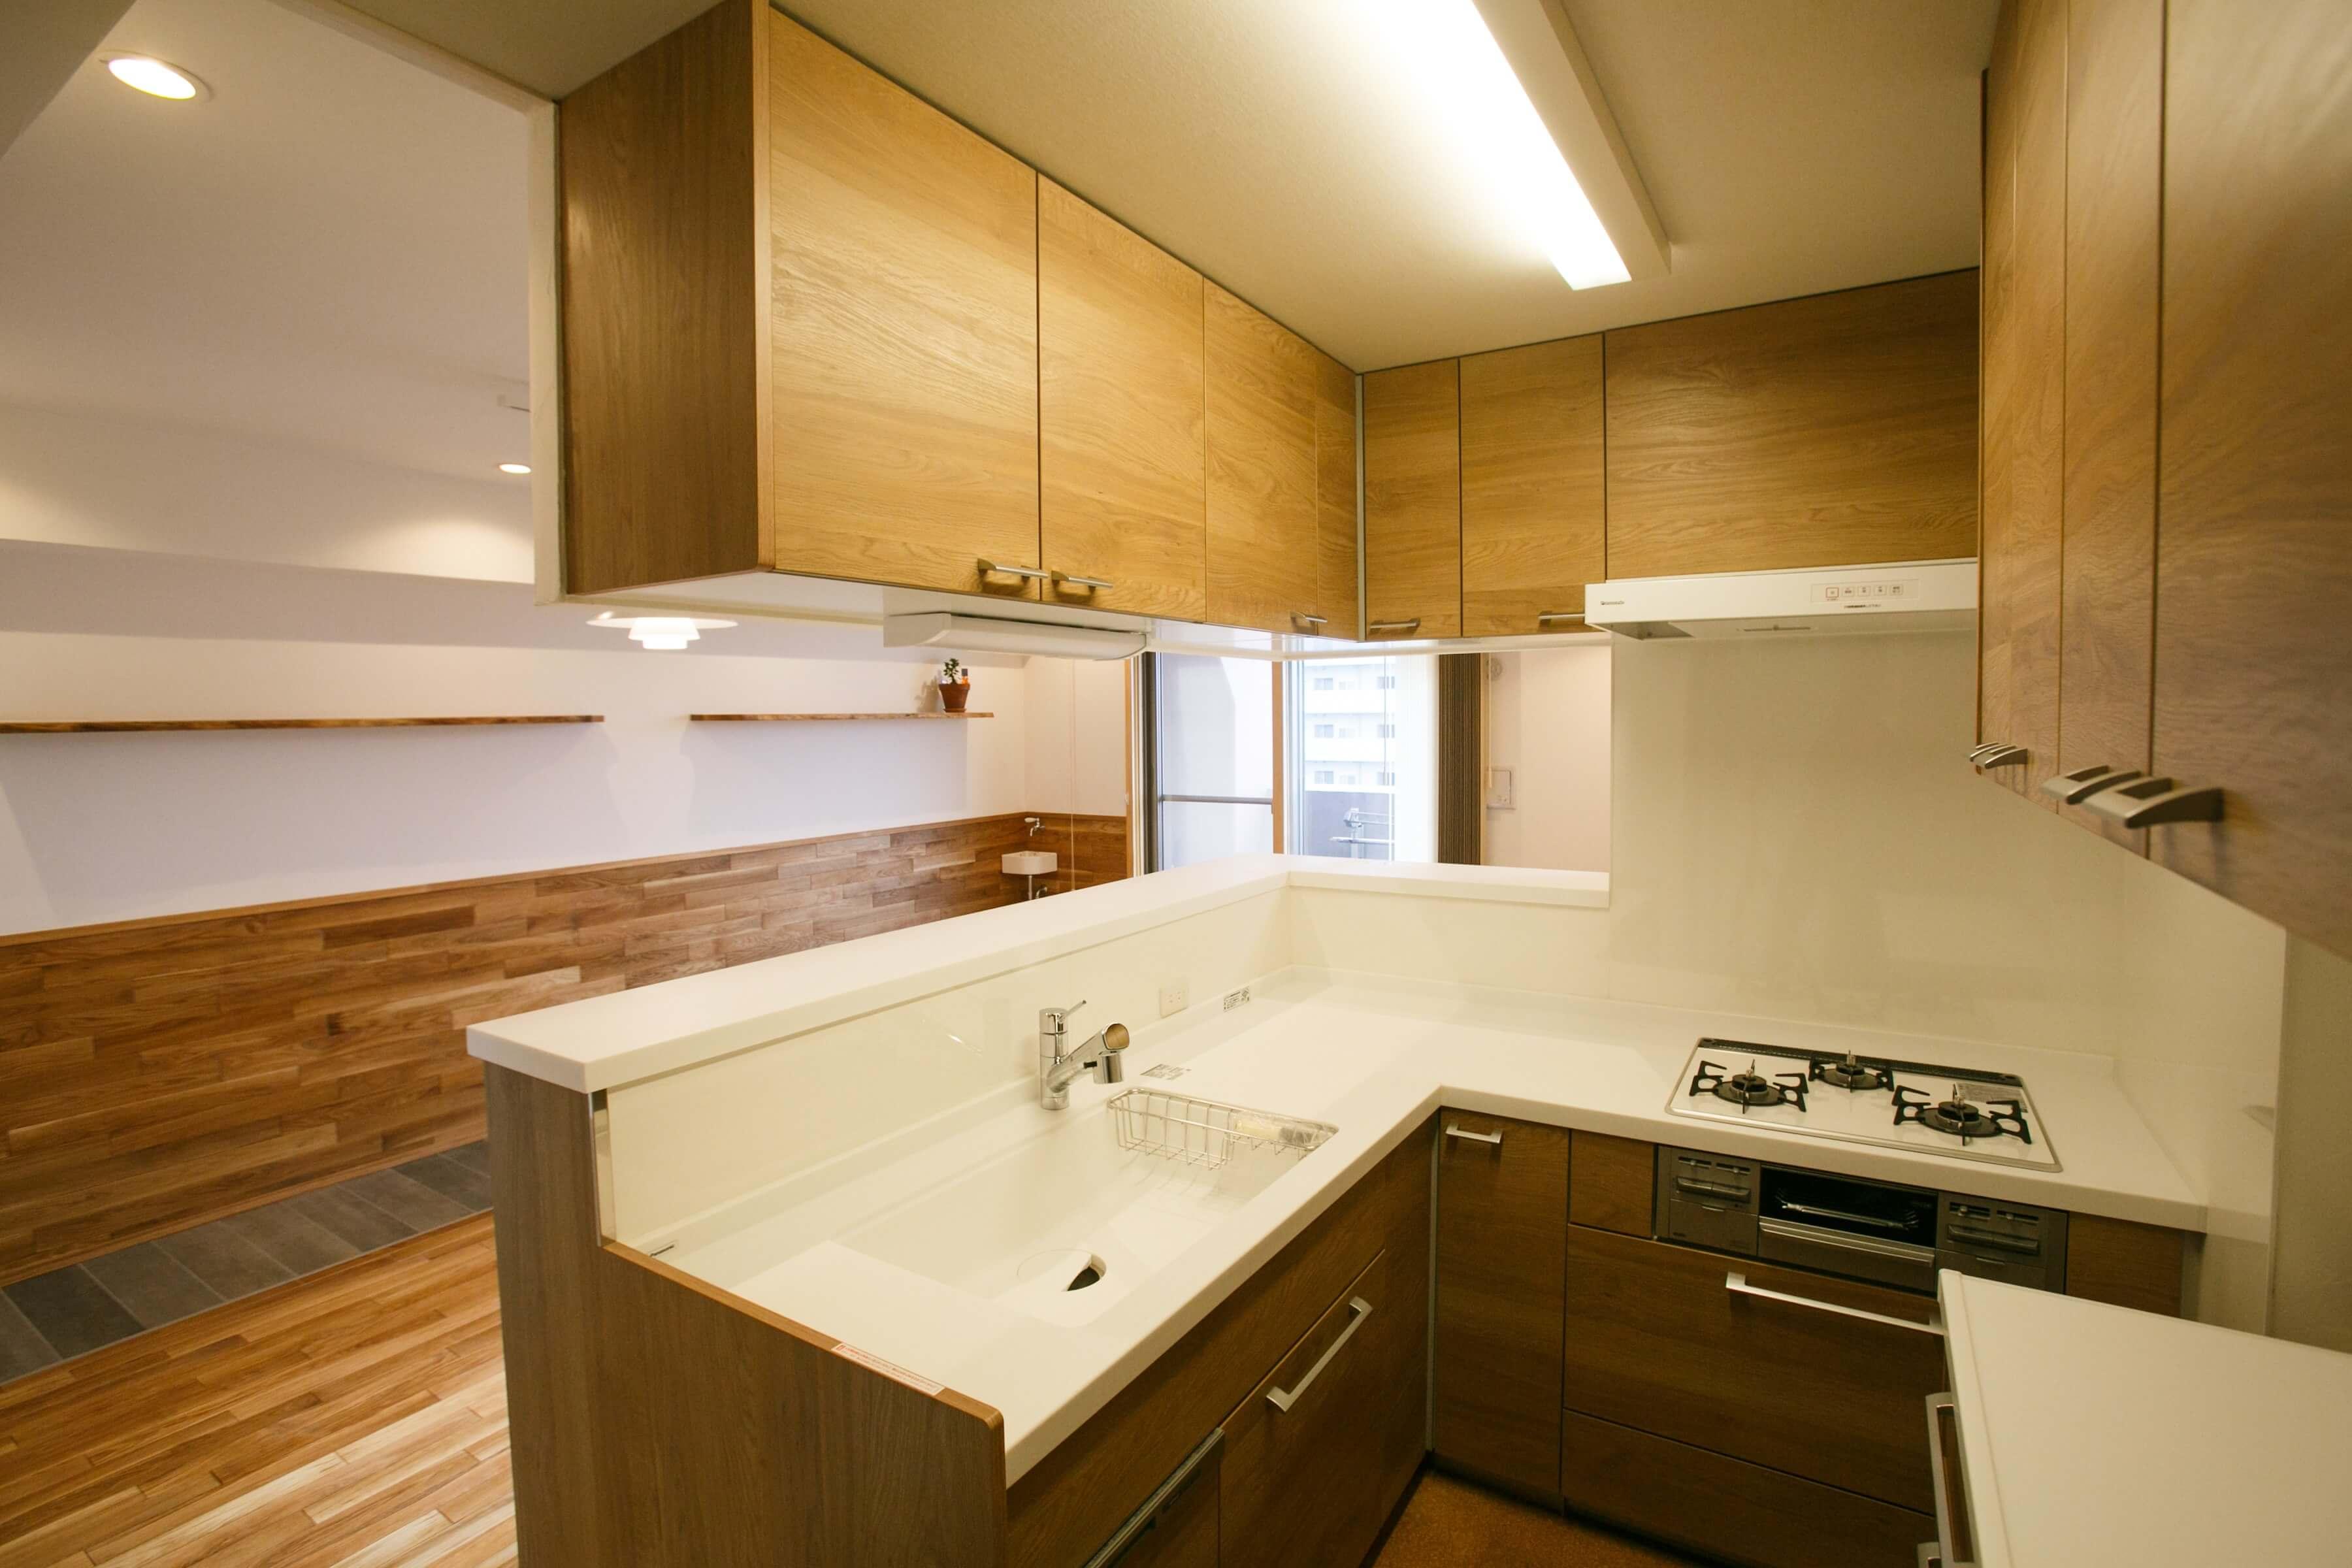 大好きなワンちゃんを考えた家 | こだわりの自然素材・天然素材の注文住宅・リフォームの駿河屋